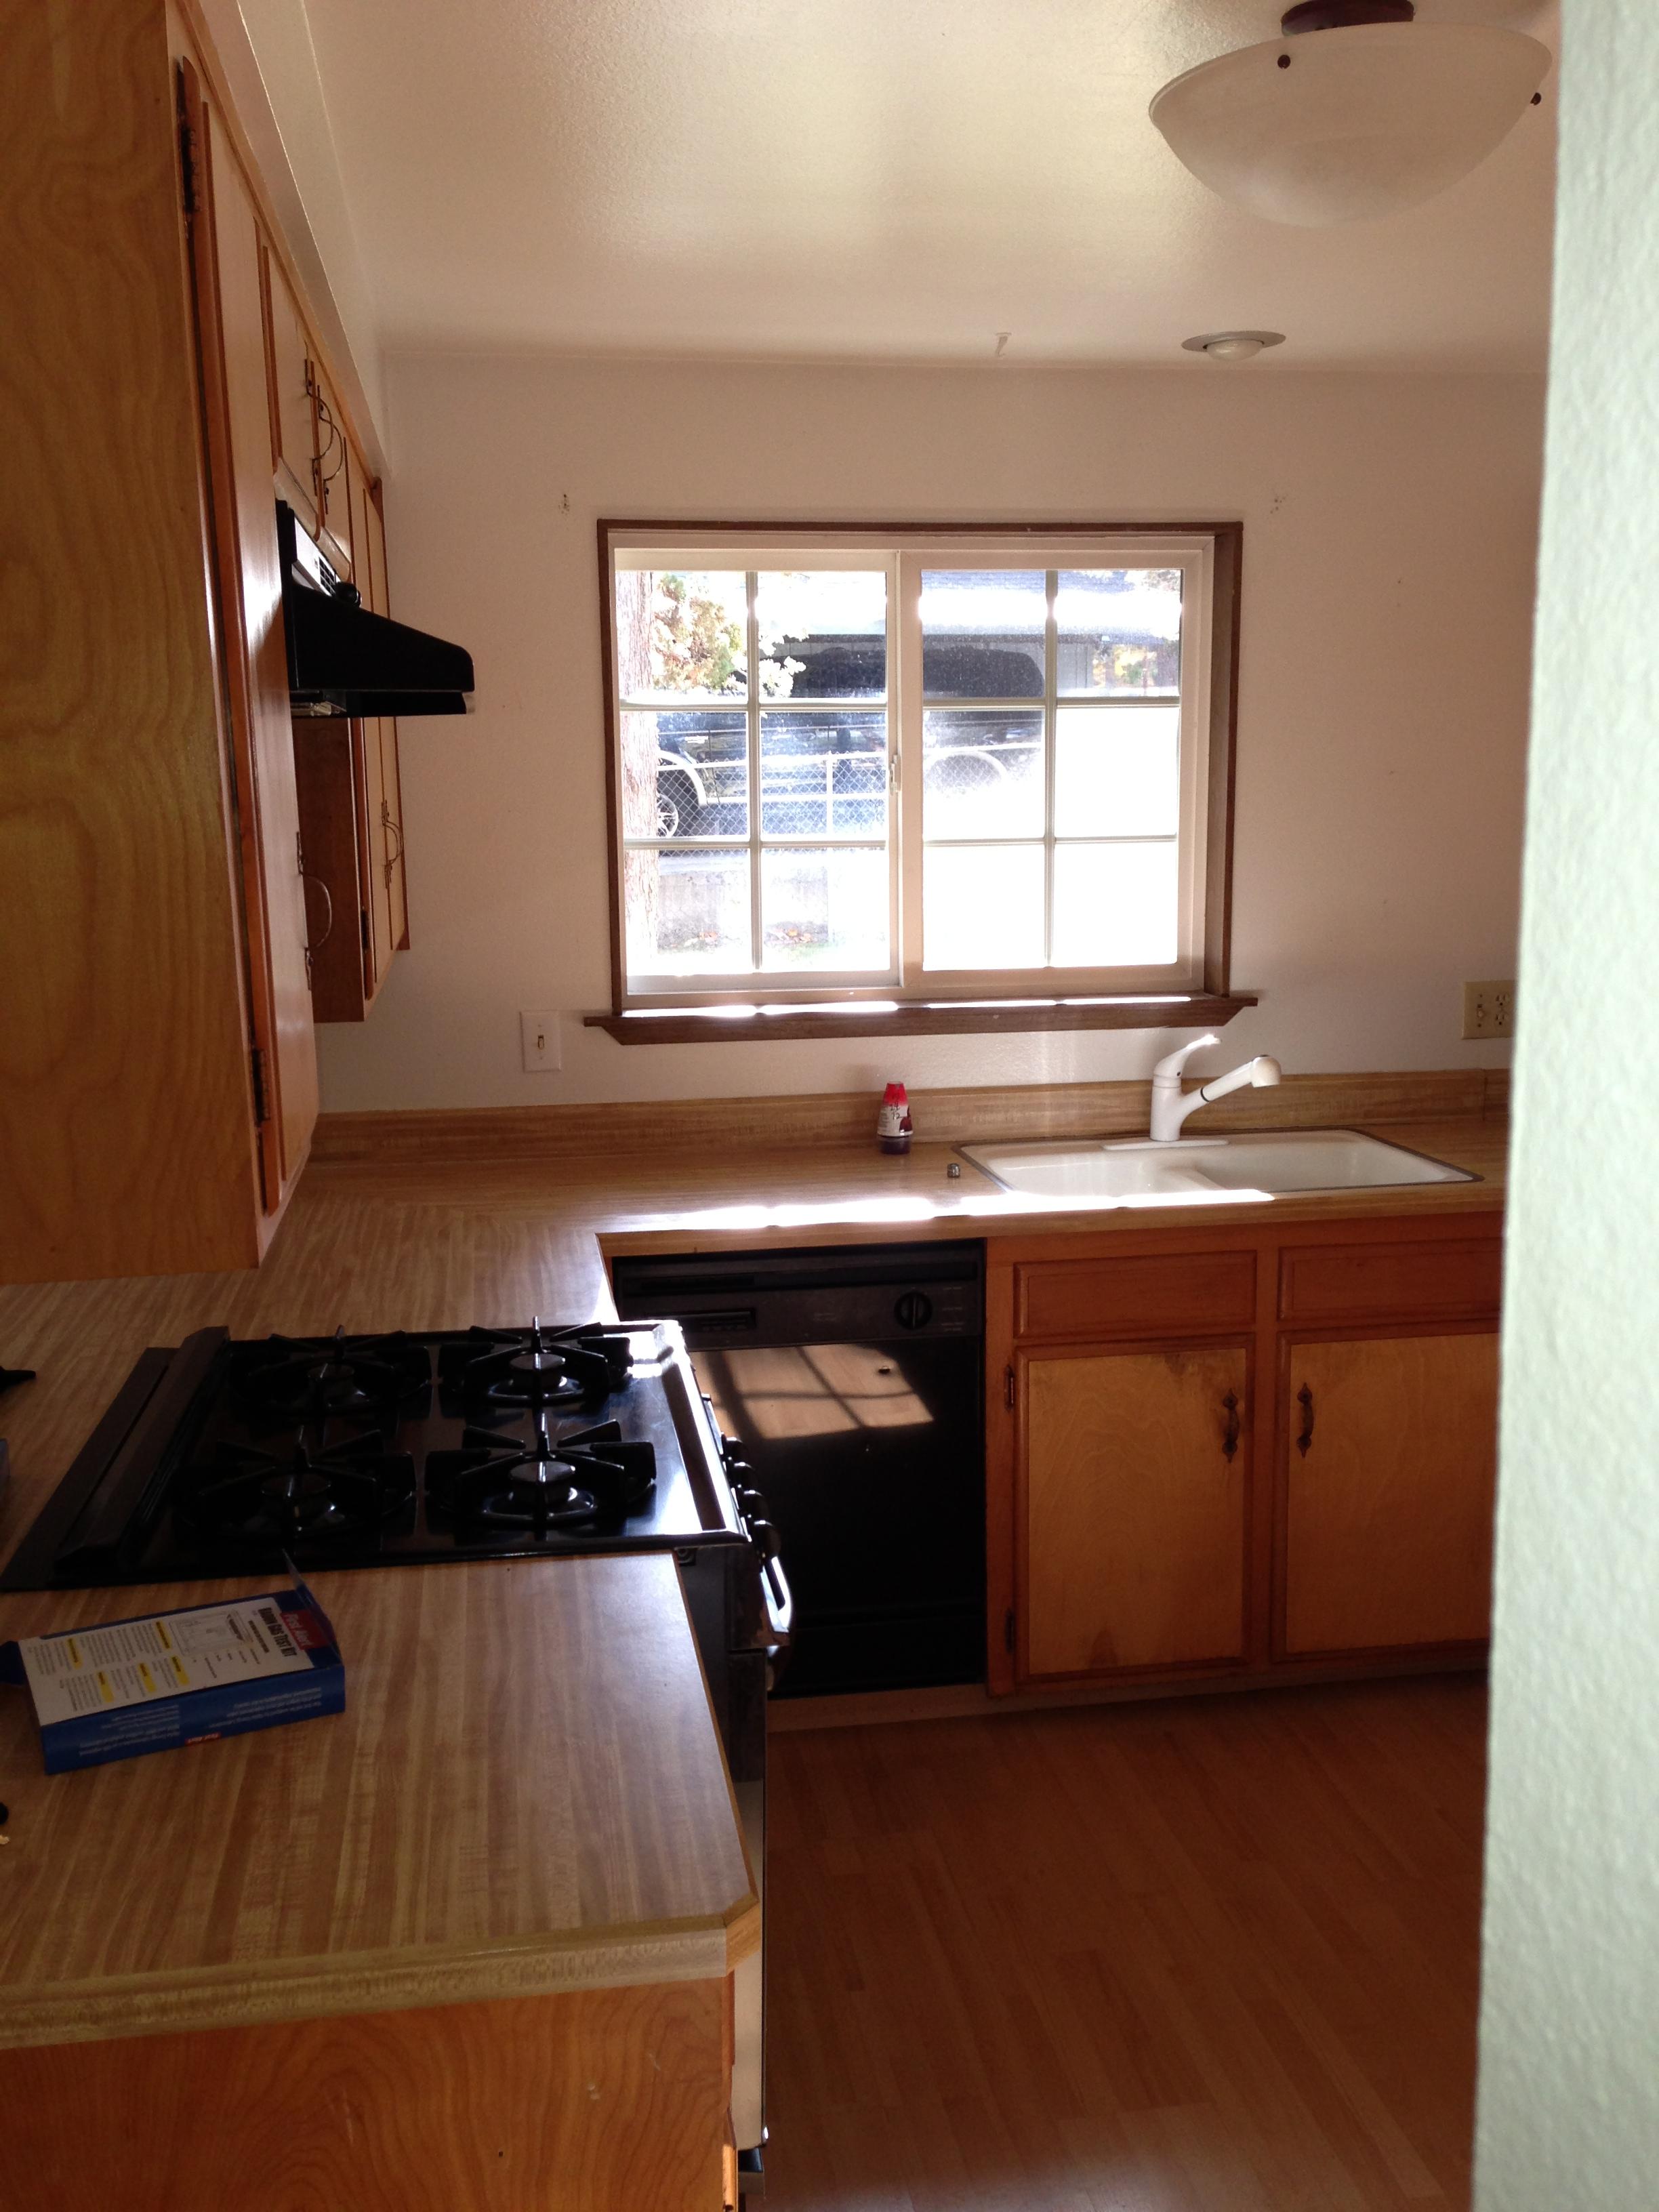 Box Window Over Kitchen Sink caurora Just All About Windows